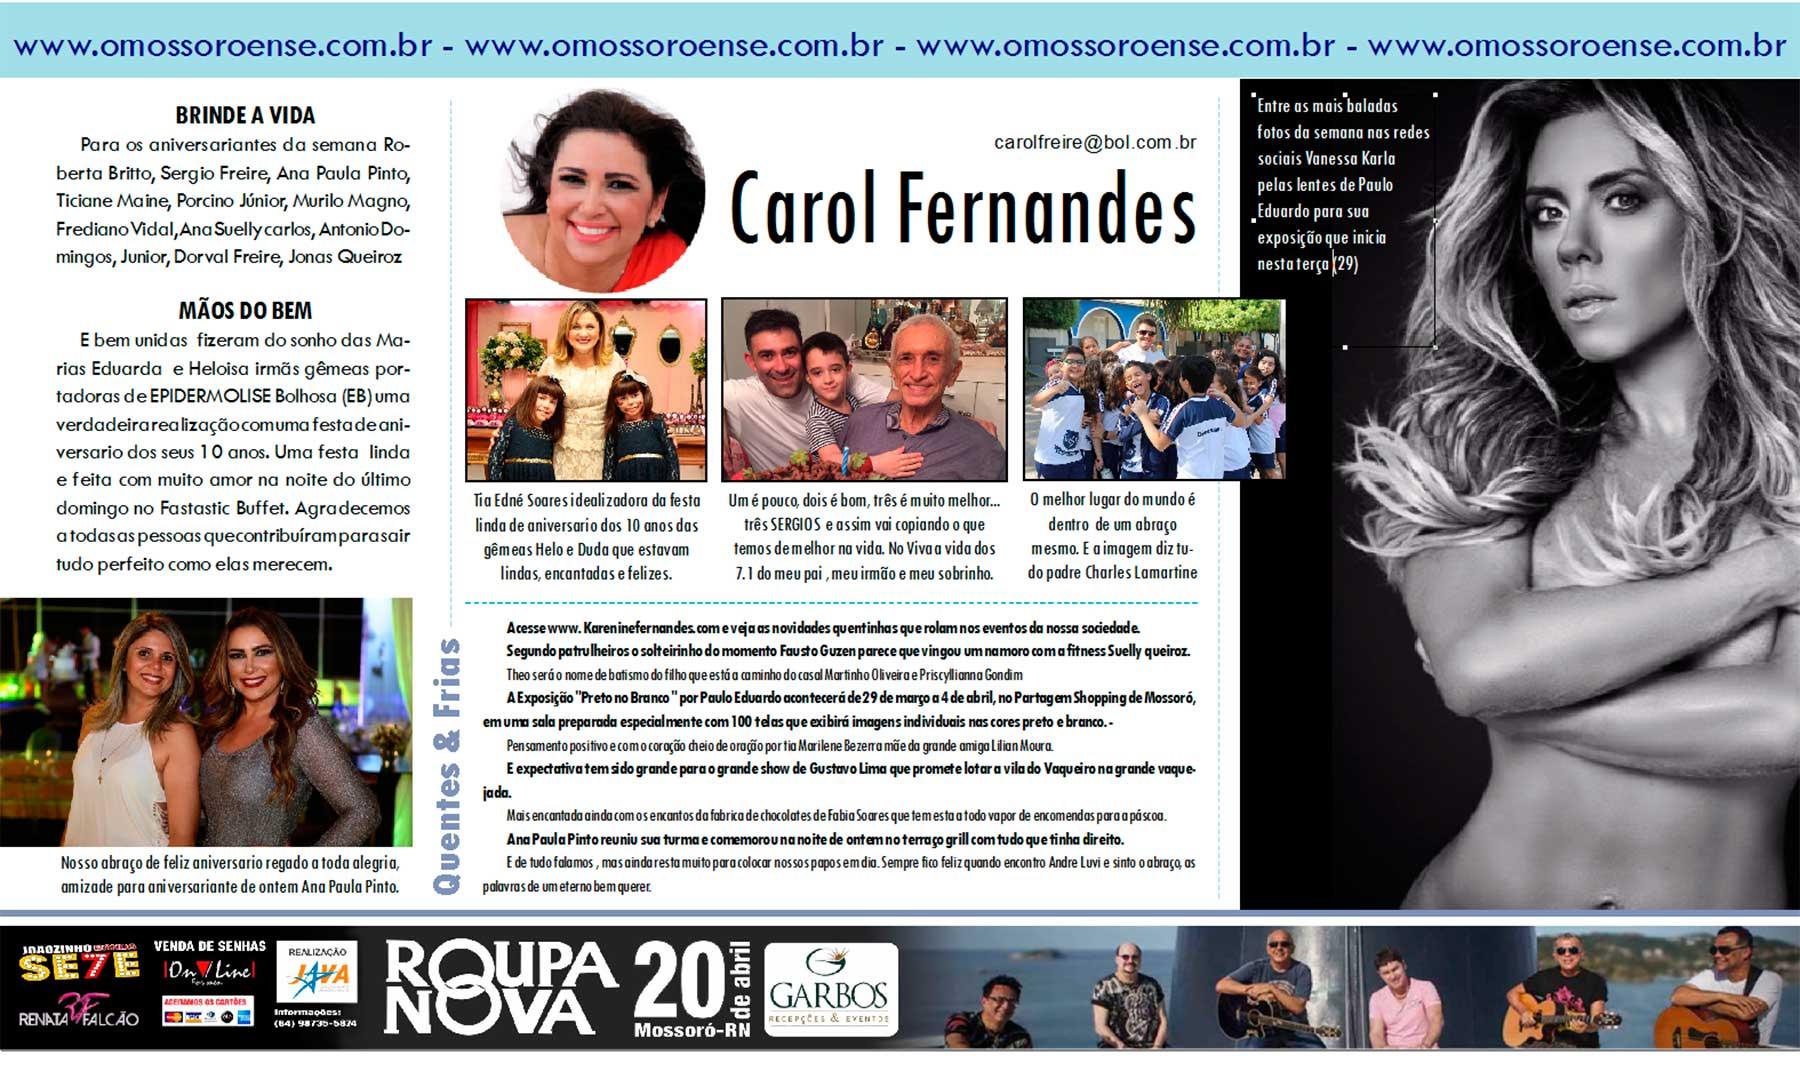 CAROL-FERNANDES---23-03-16